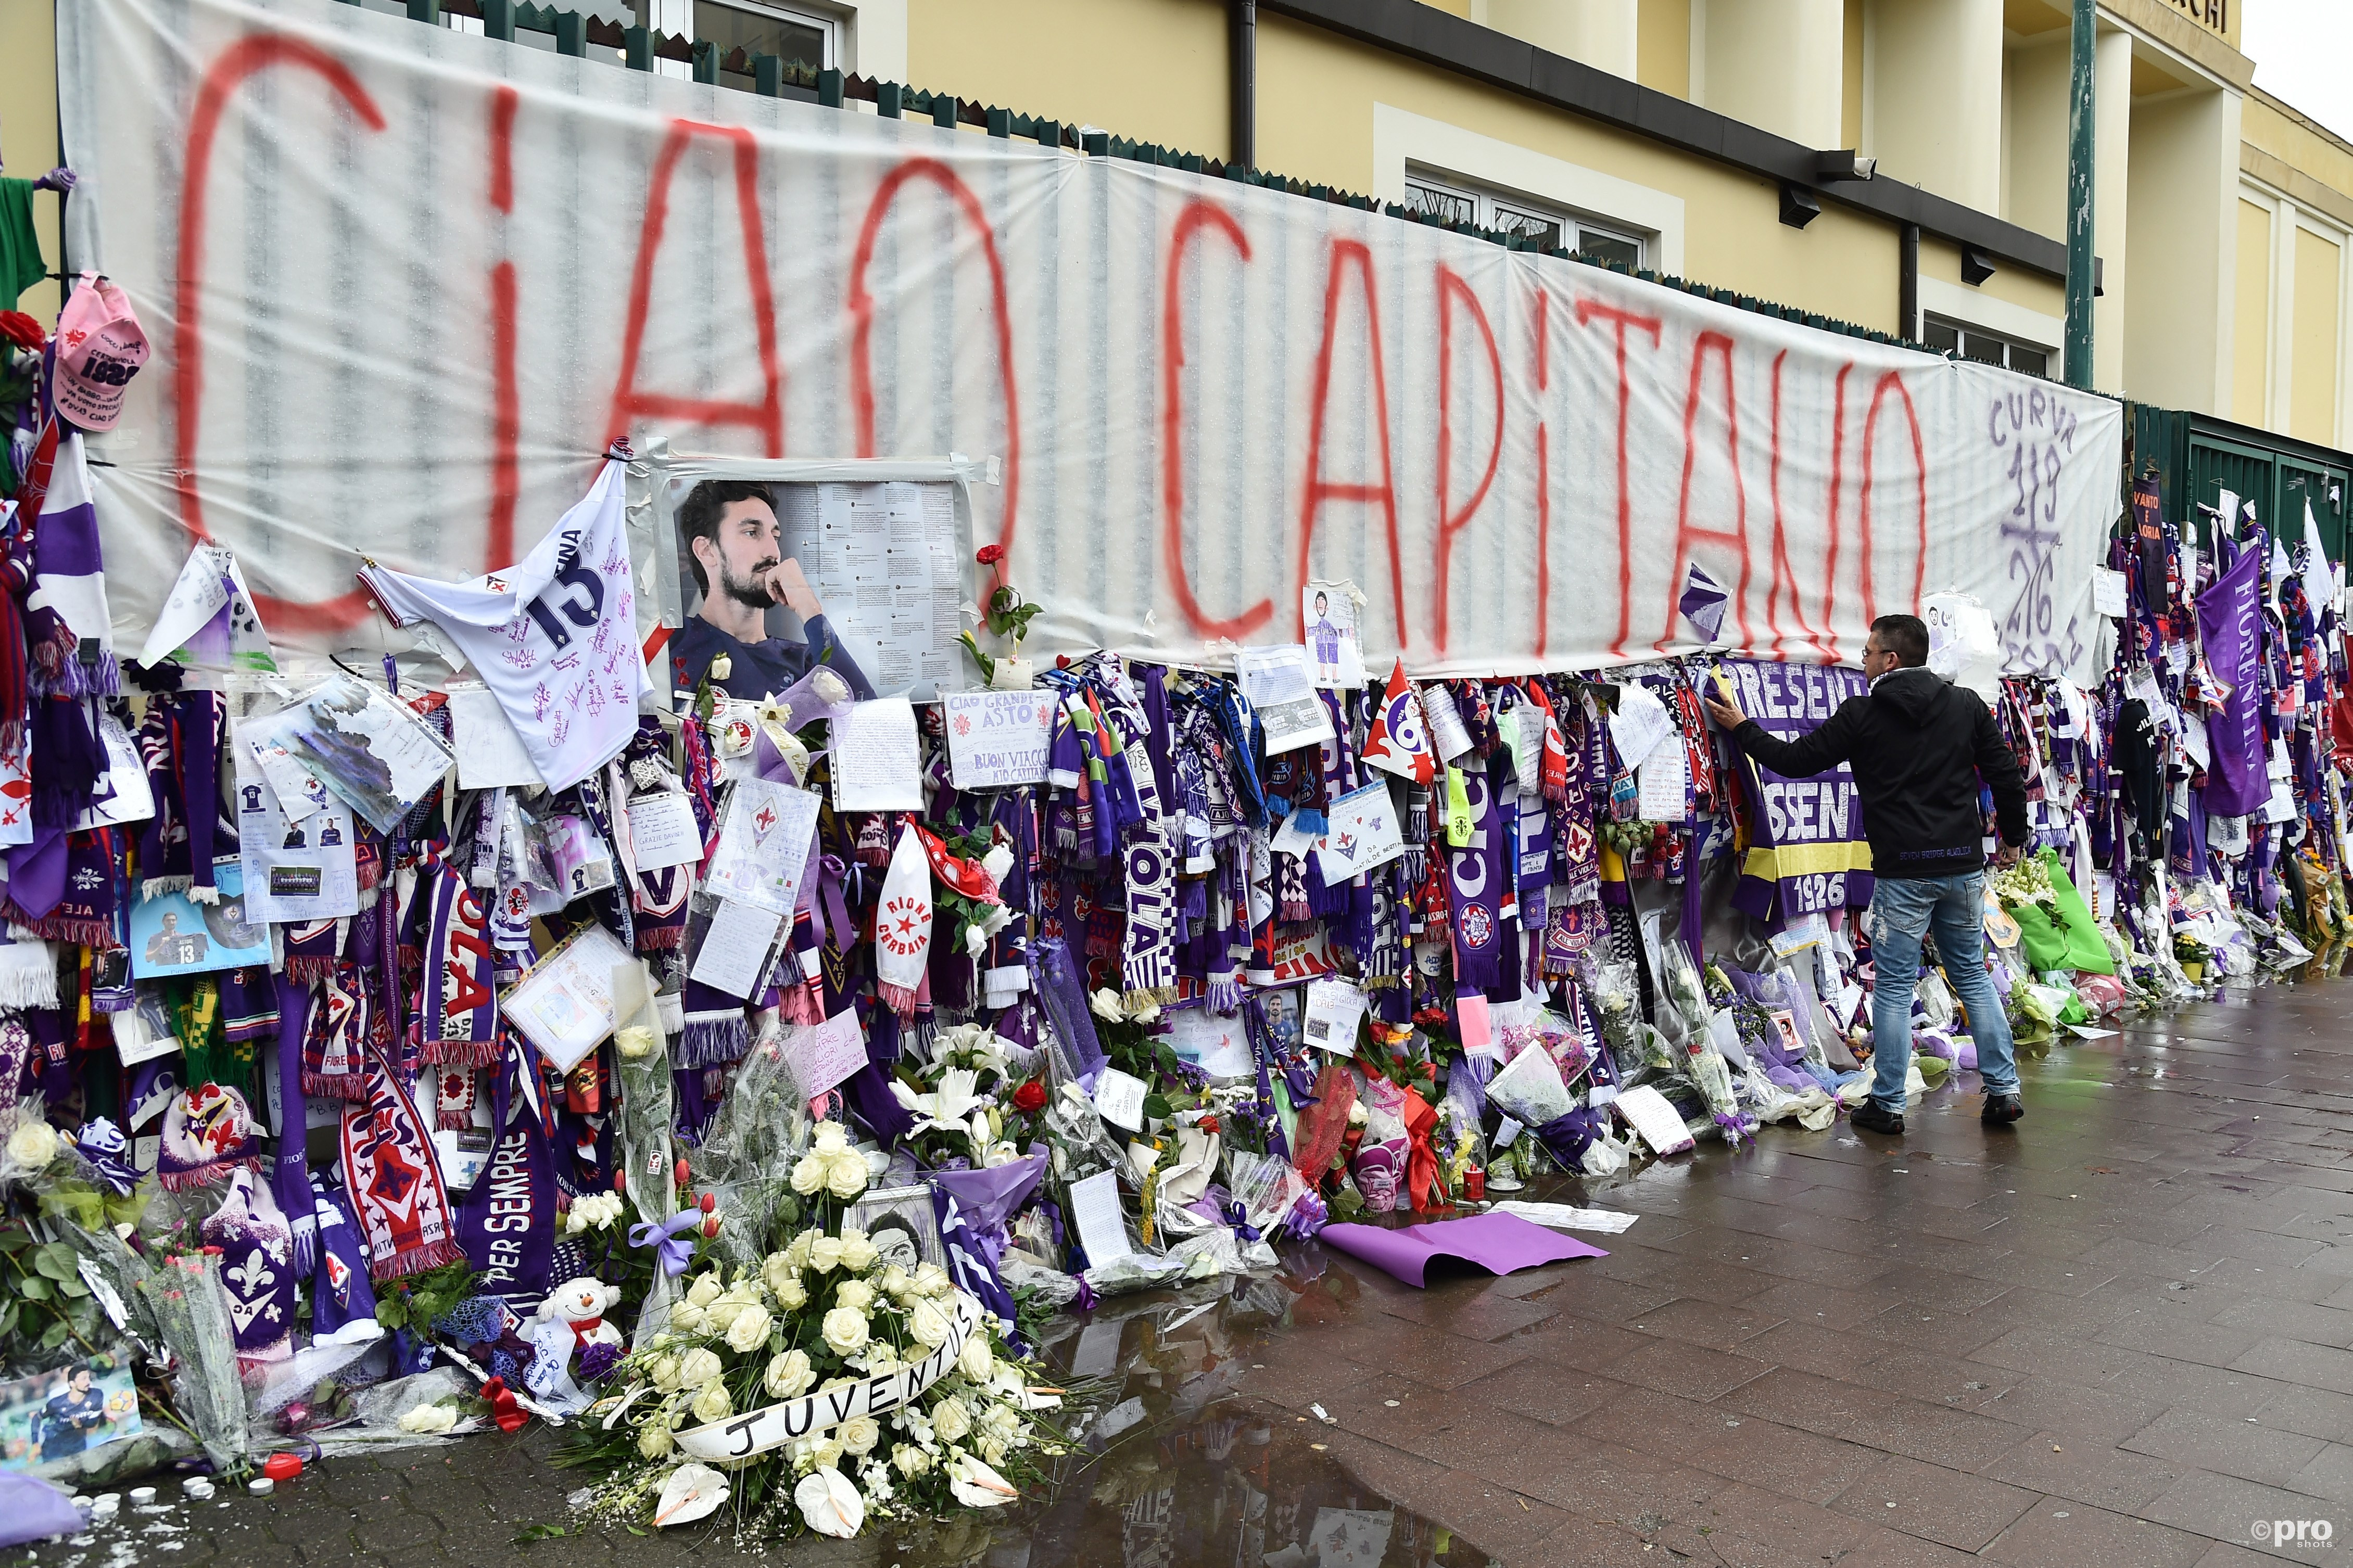 Voor het stadion lagen veel bloemen en andere zaken ter nagedachtenis aan Astori (Pro Shots/Insidefoto)